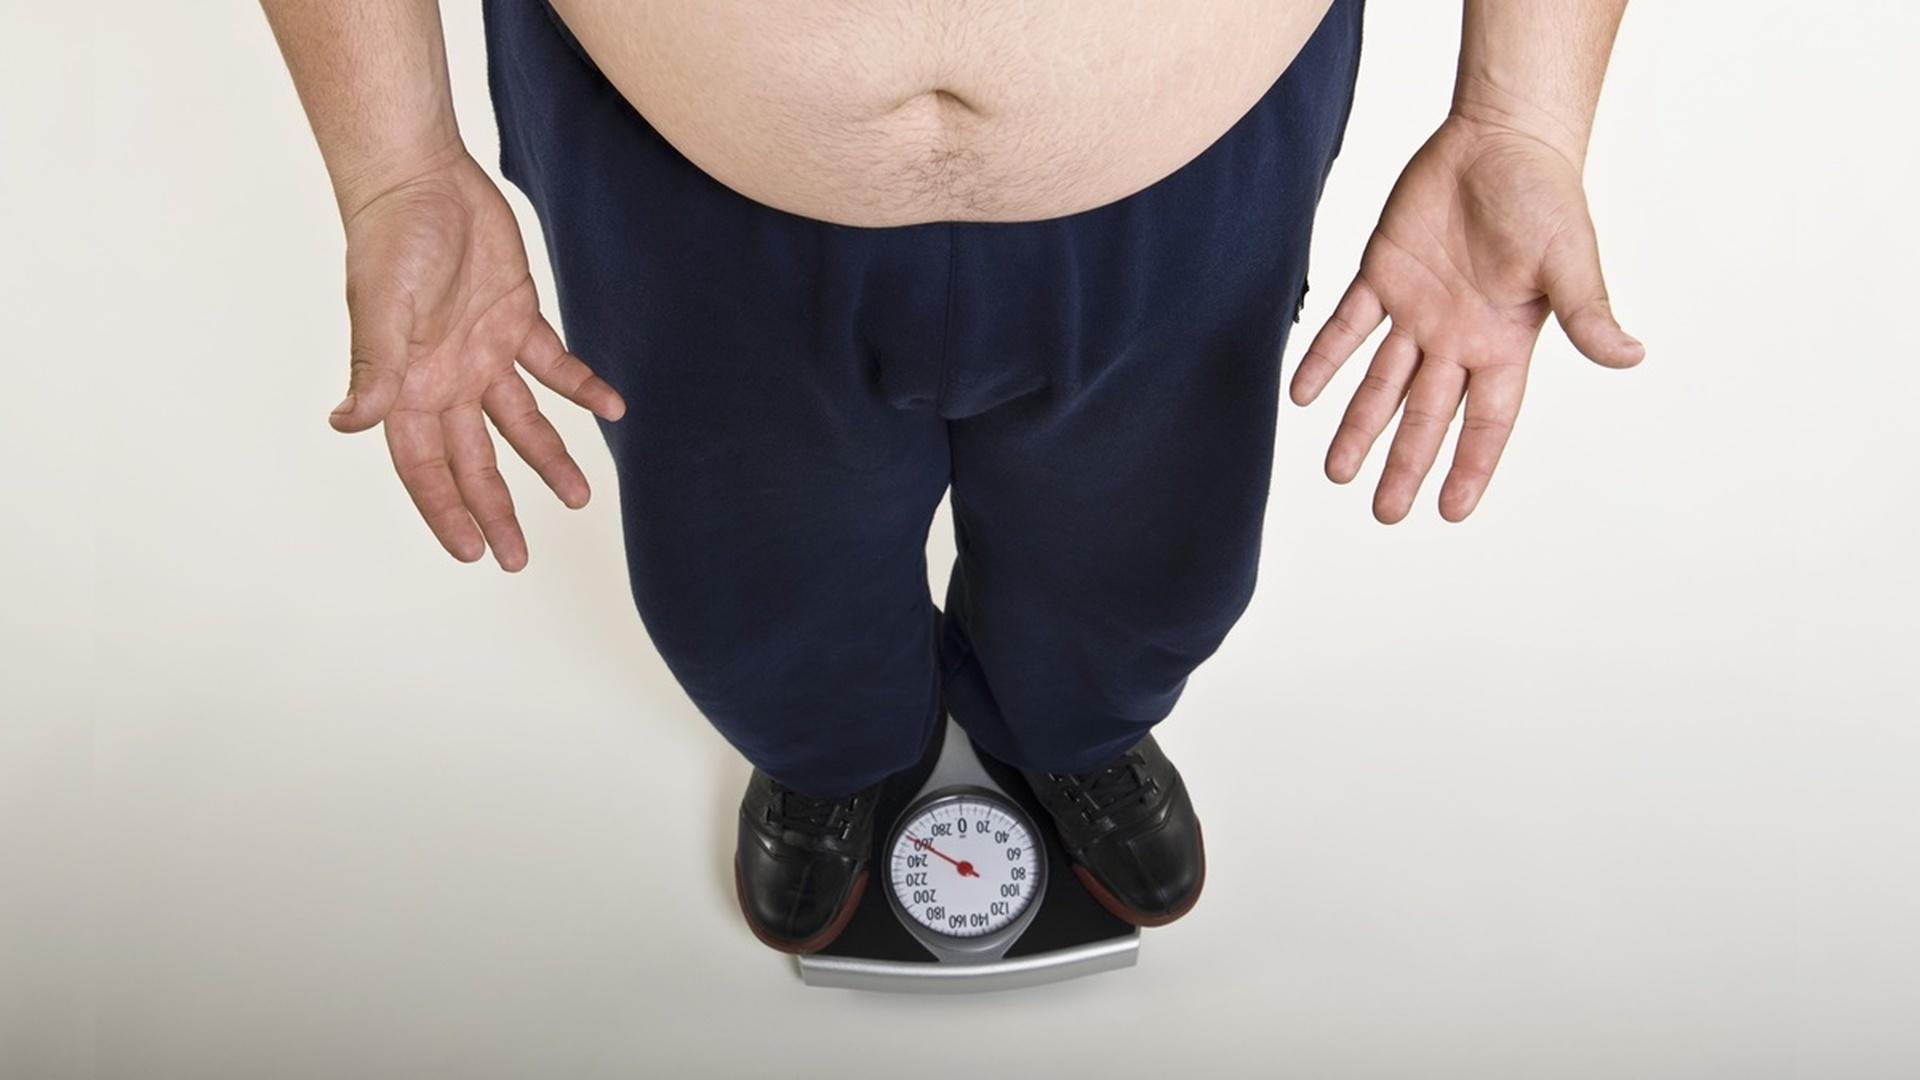 похудение сжигание жиров якути